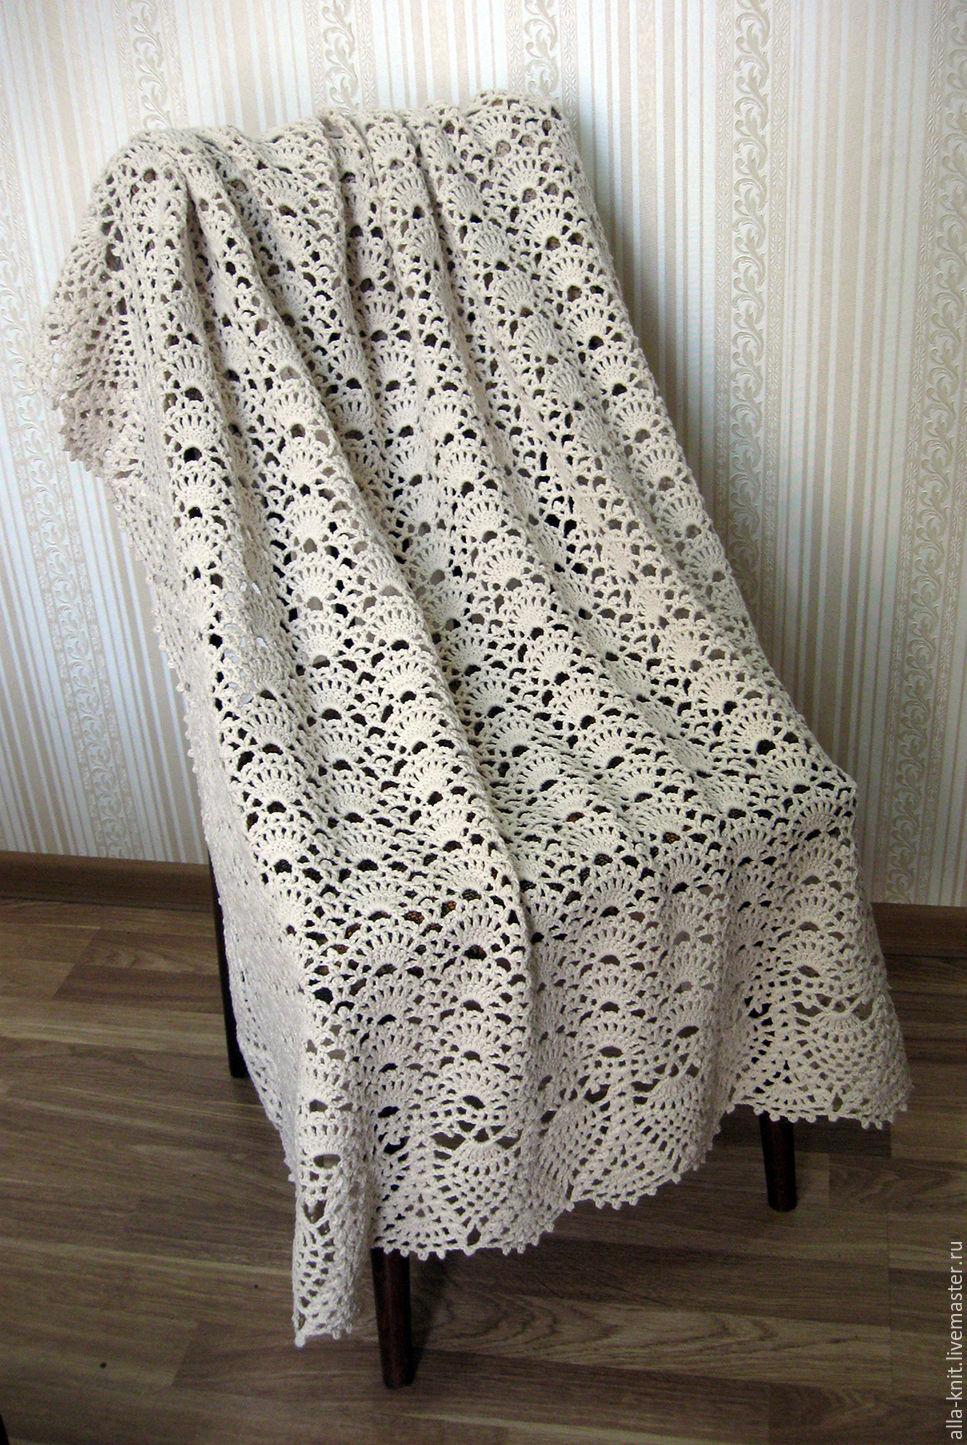 Плед детский вязаный  покрывало детское теплый плед, Одеяло для детей, Шахты,  Фото №1